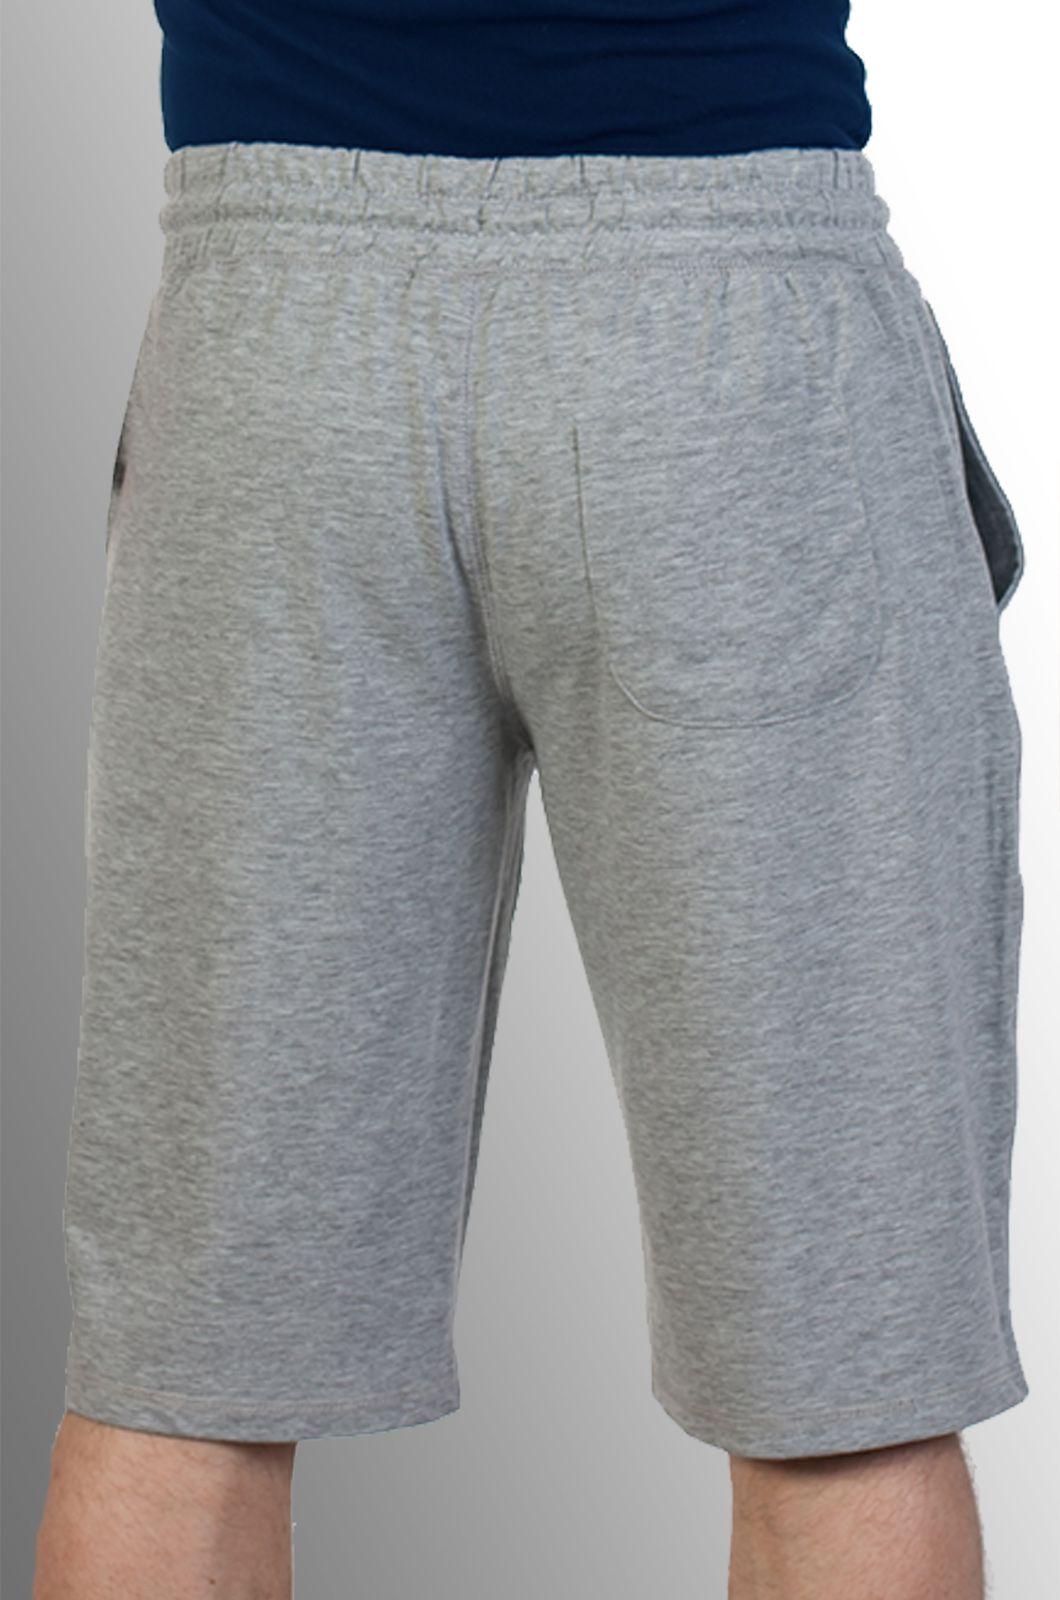 Мужские серые шорты по выгодной цене